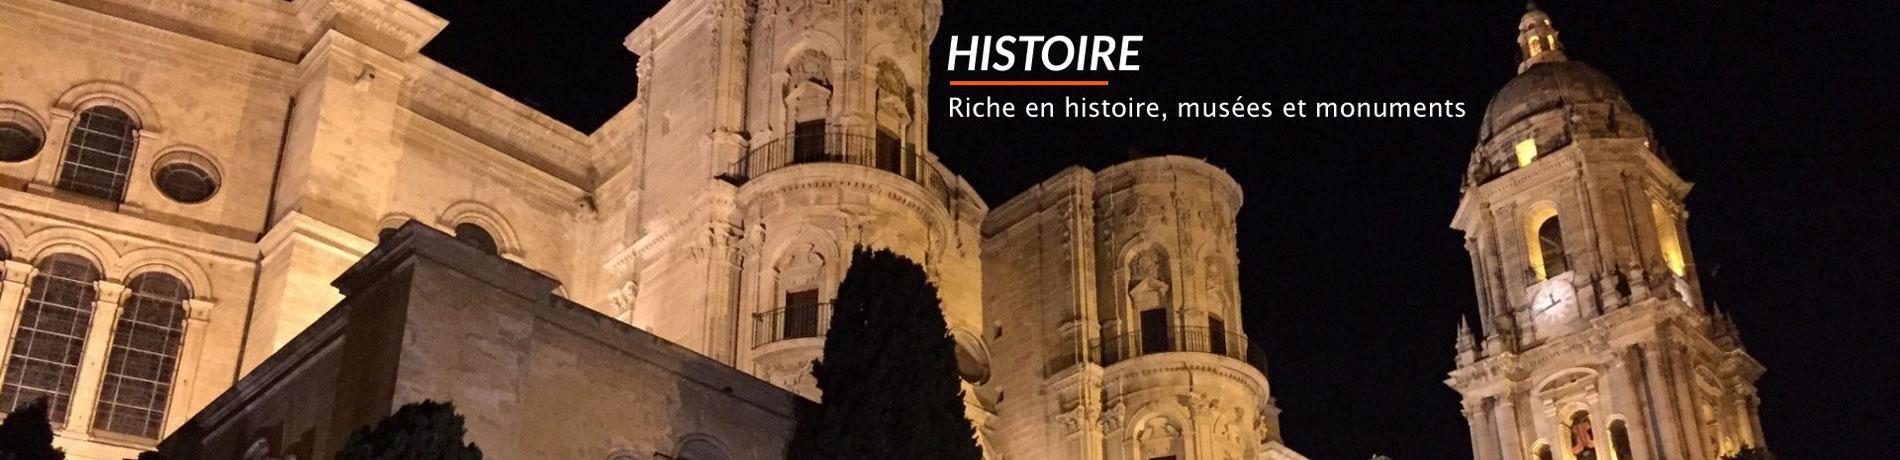 HISTOIRE Riche en histoire, musées et monuments